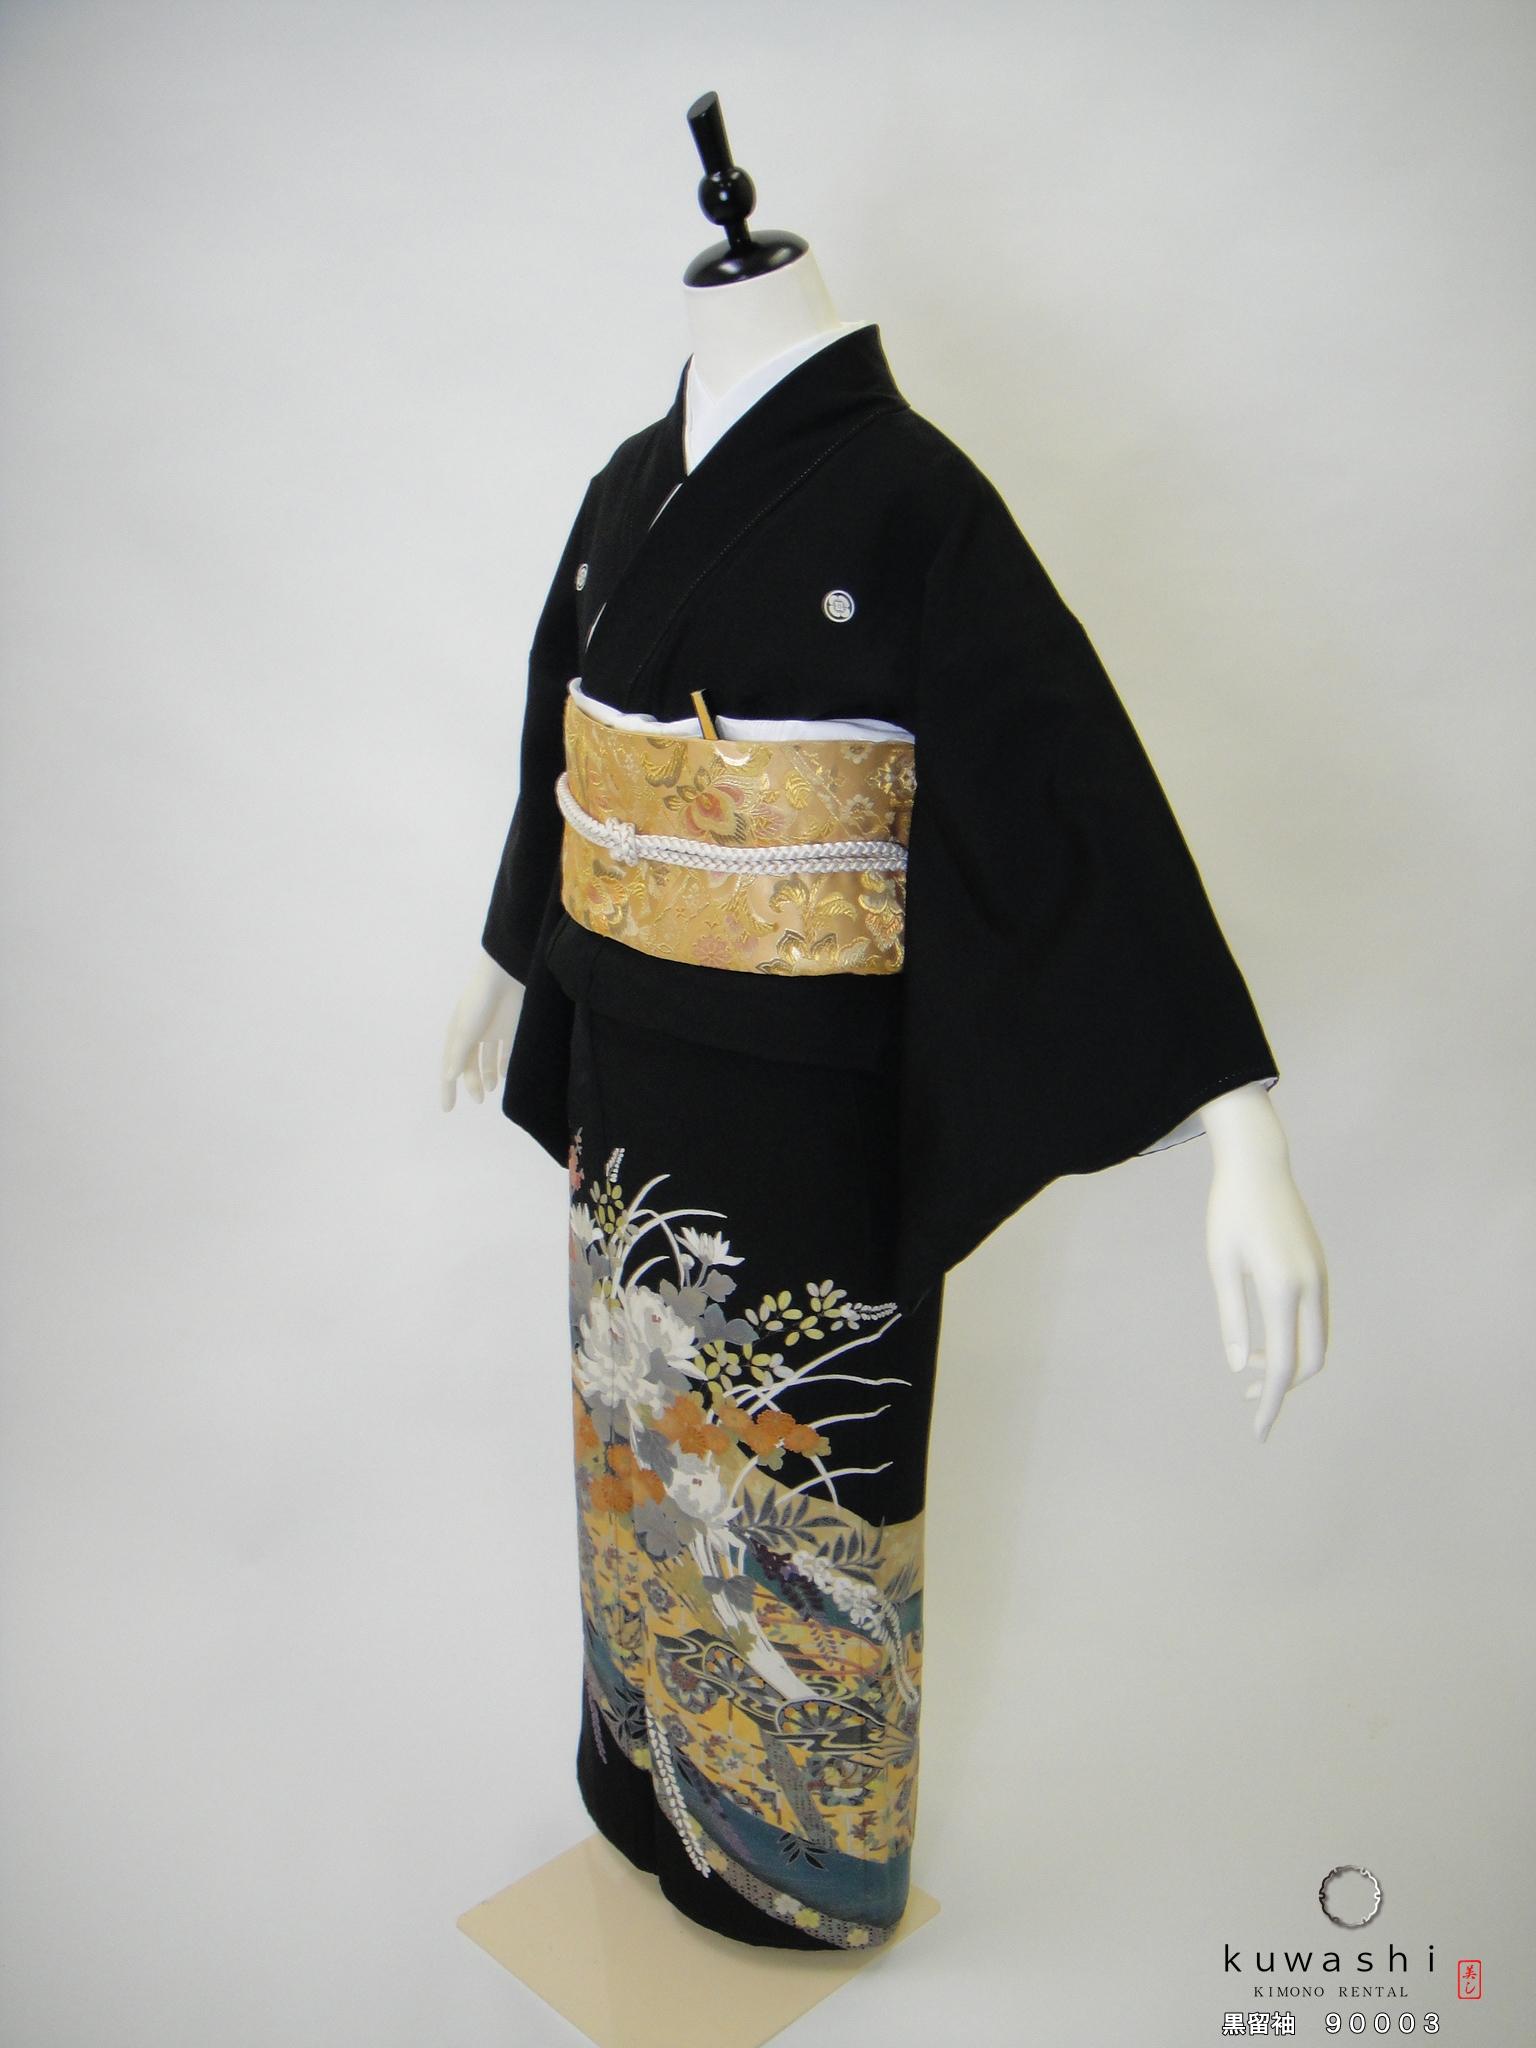 黒留袖レンタル 正絹 貸衣装 結婚式 親着物 高級 格安 おしゃれ 相良刺繍 金箔 豪華